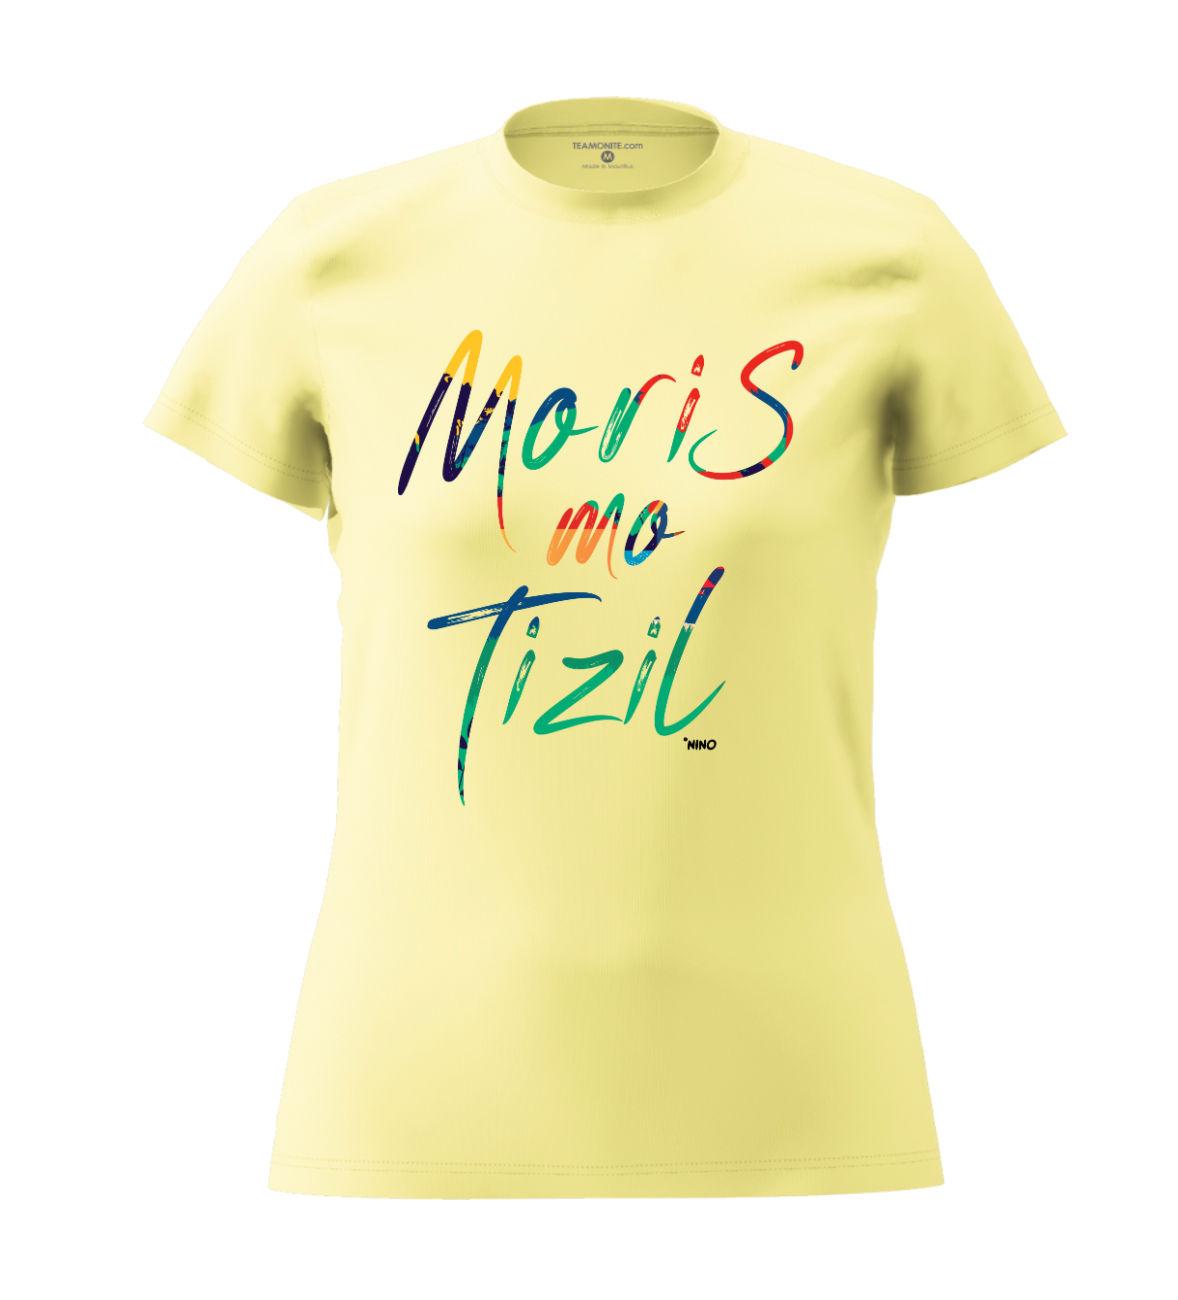 Women's Moris Mo Tizil T-shirt Yellow